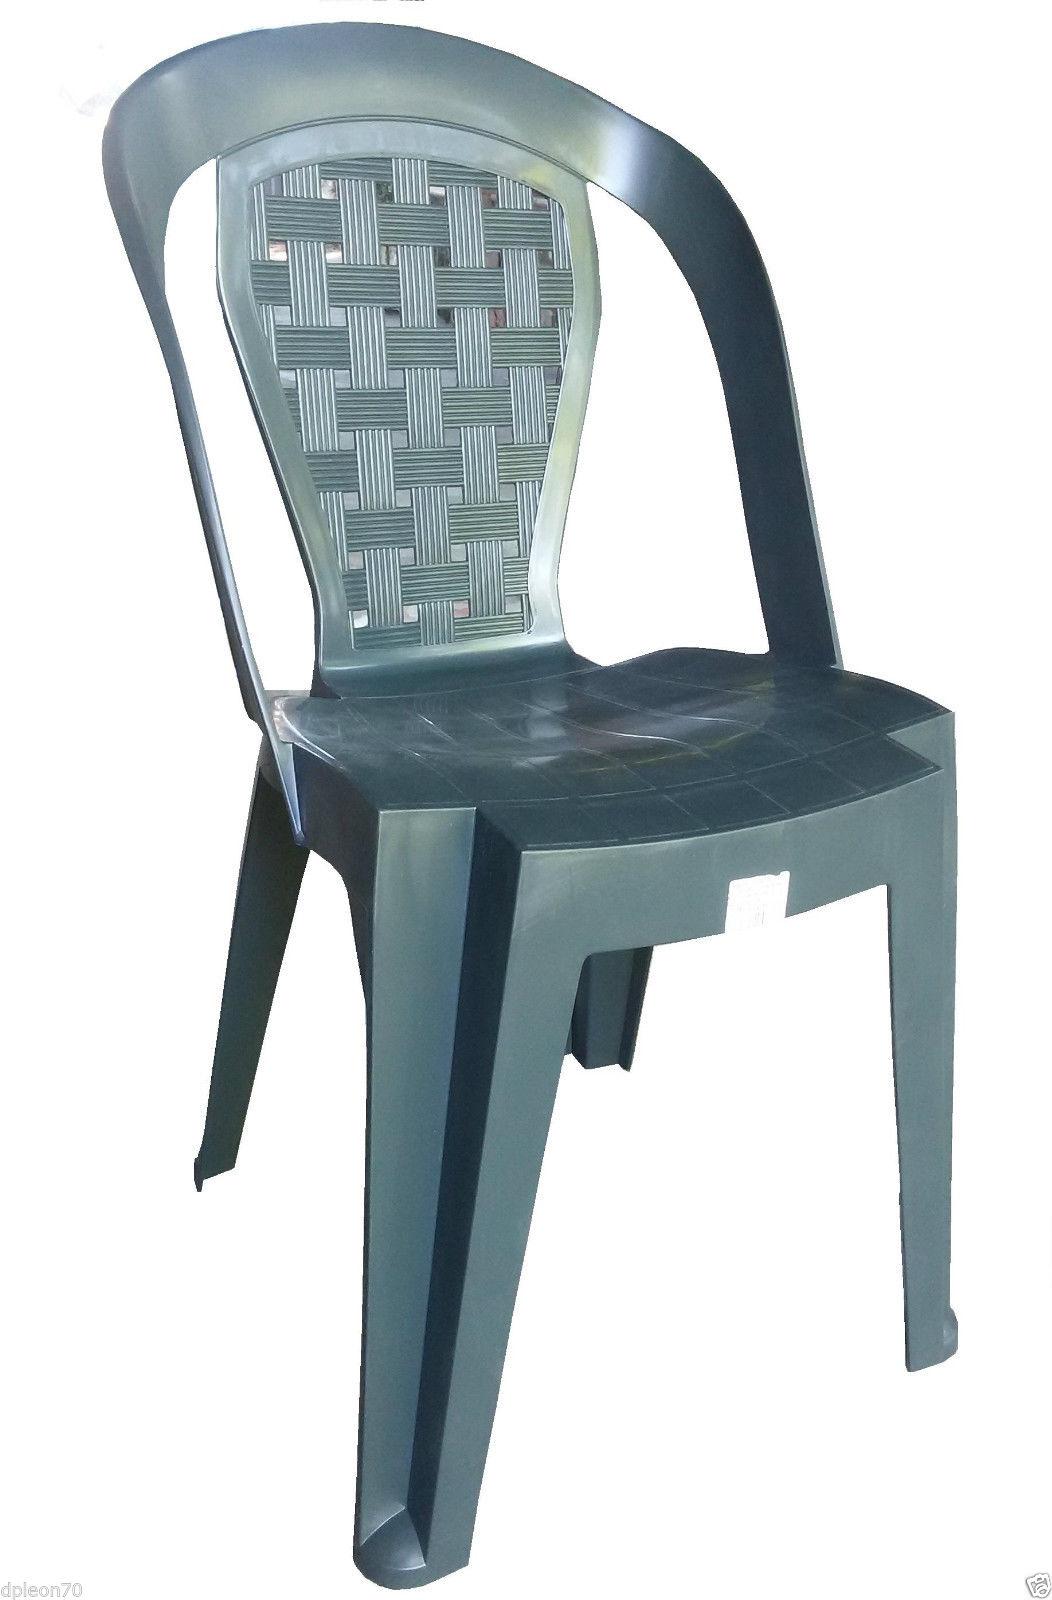 Sedie Di Resina Da Giardino.Sedia In Plastica Giardino Senza Braccioli Colore Verde Modello